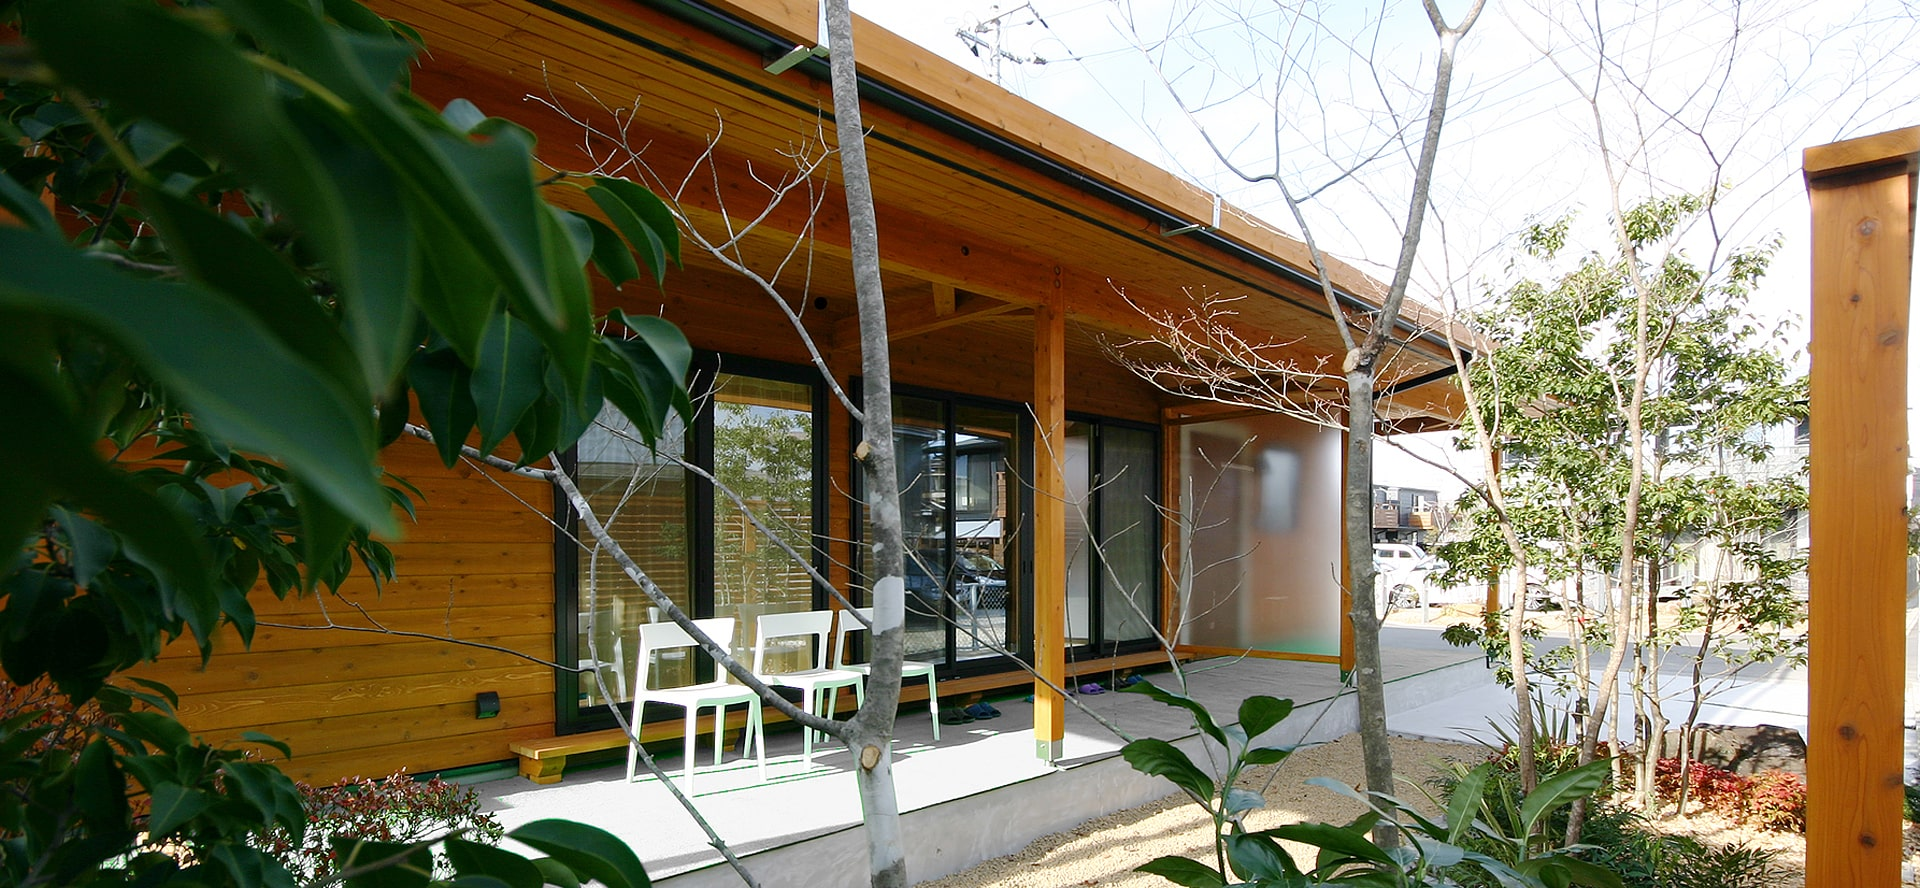 宇都宮市で注文住宅をお考えならNEXT HAUS DESIGN